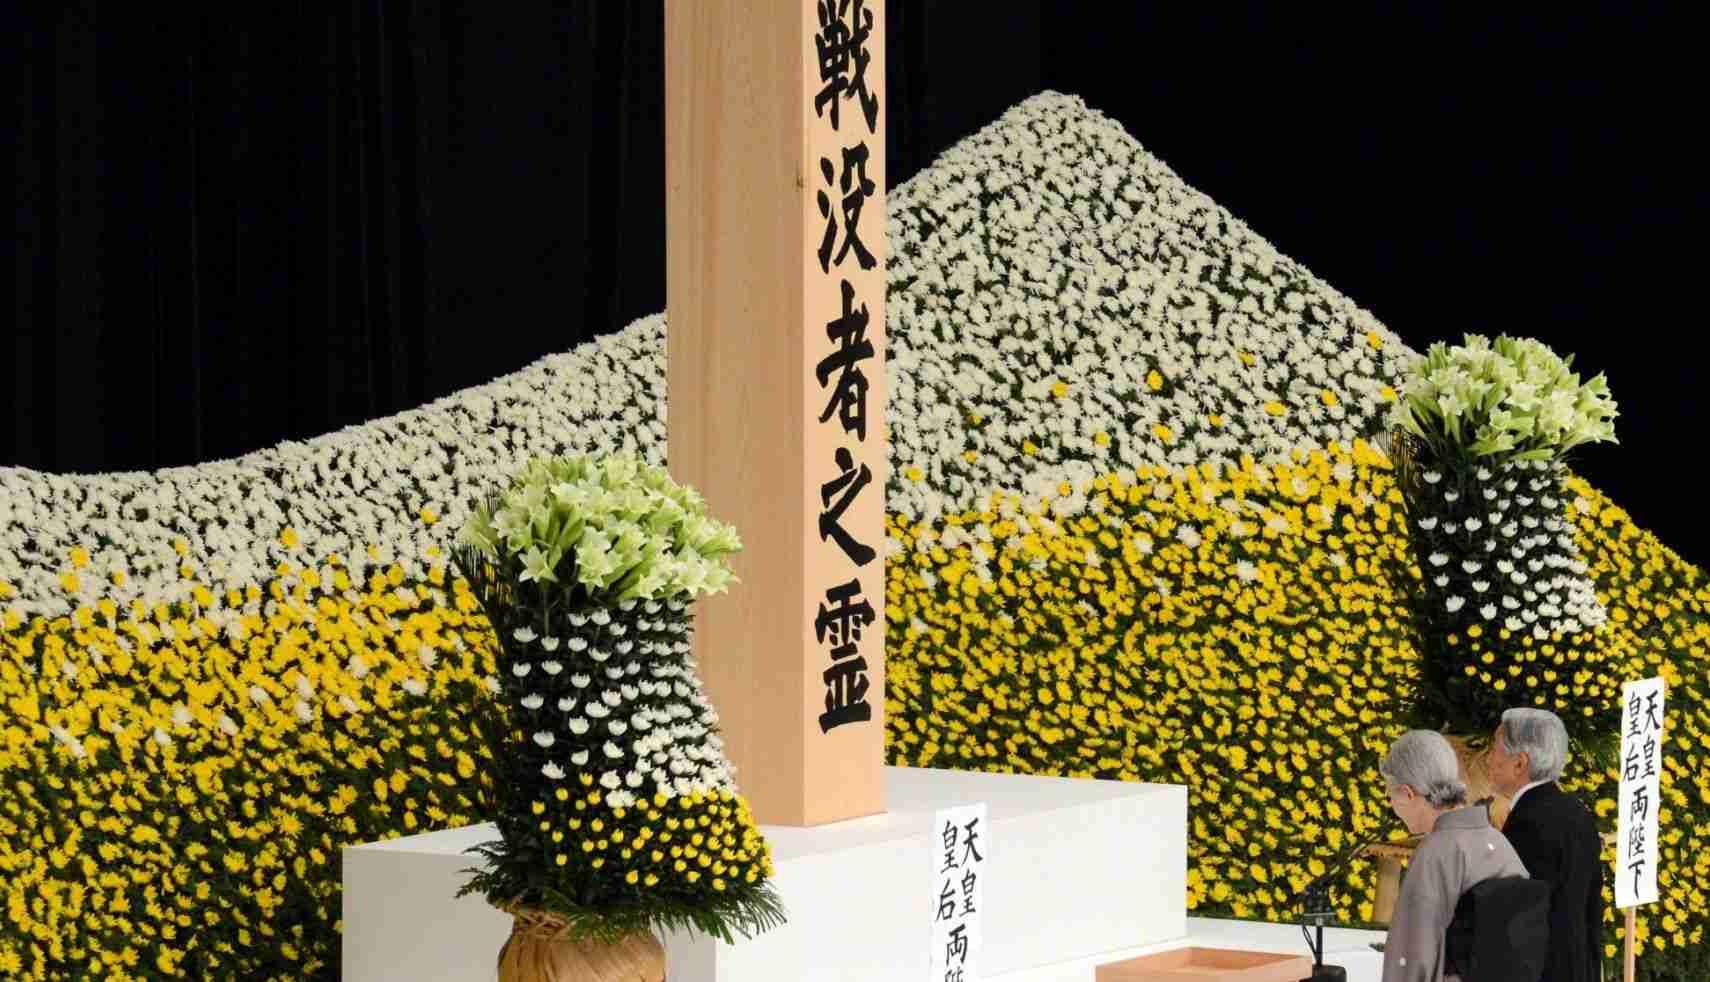 戦後70年、いまだに敗戦国扱いされる日本 | 外交・国際政治 | 東洋経済オンライン | 経済ニュースの新基準